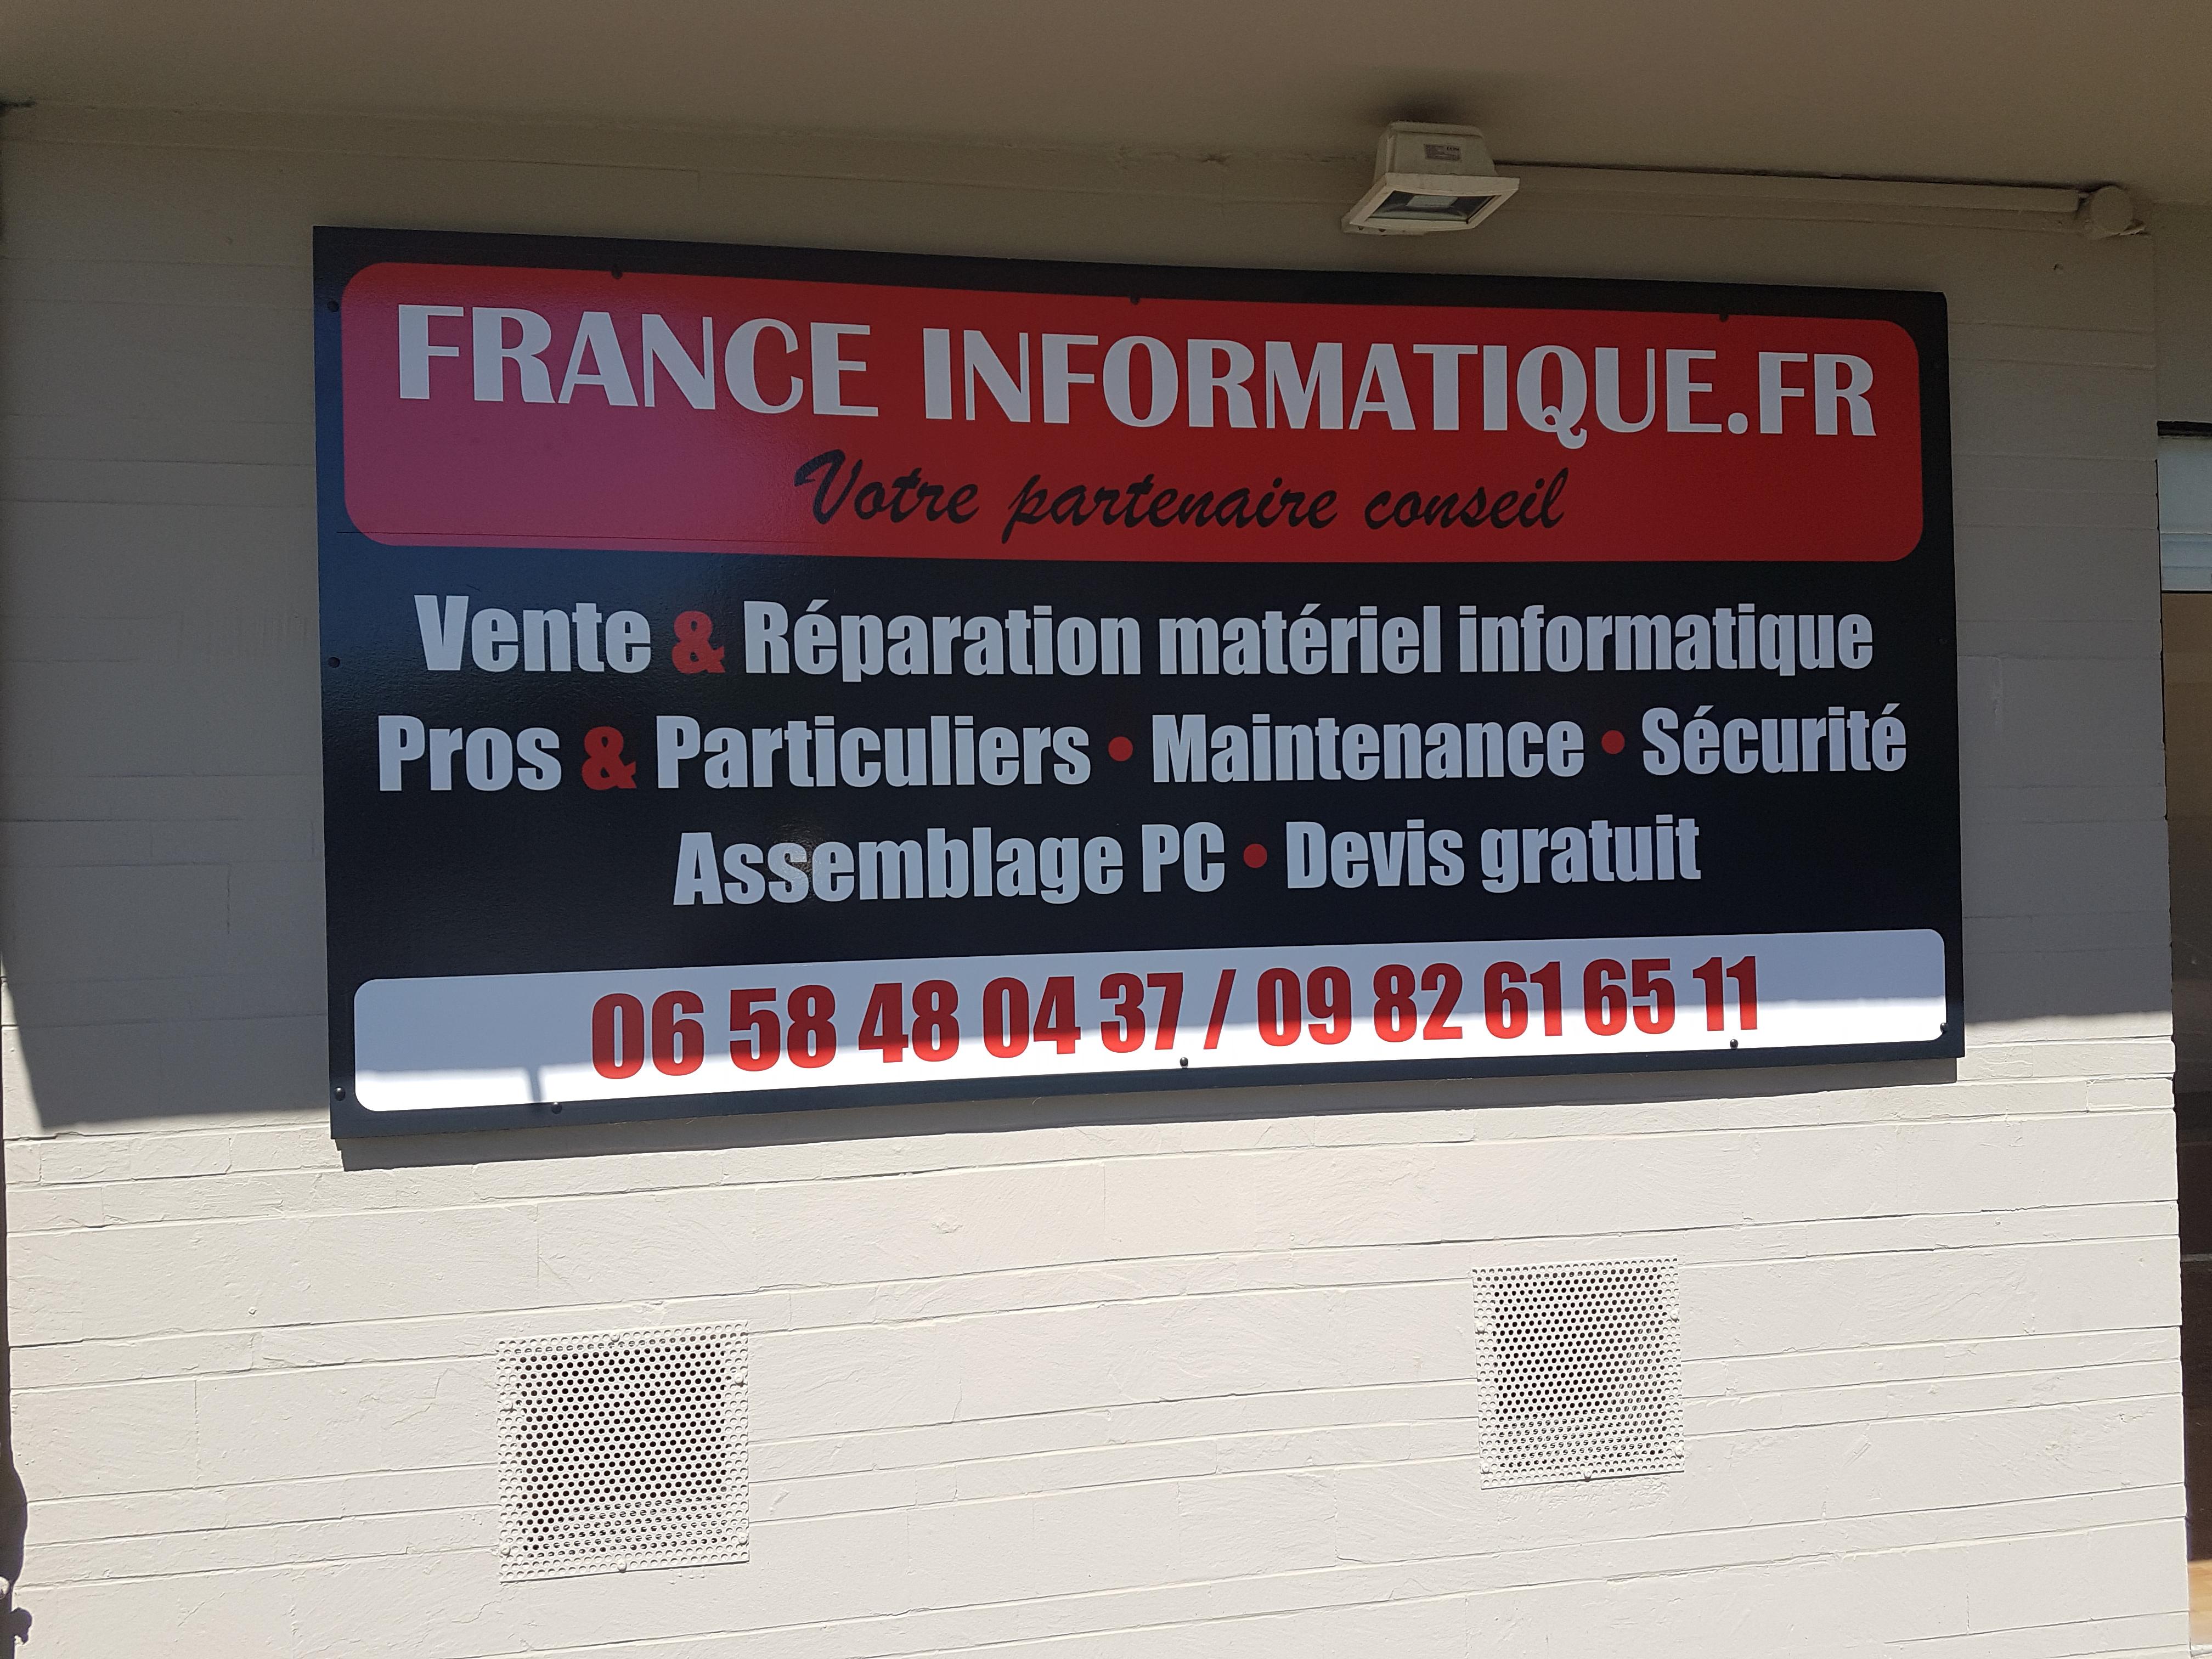 FRANCE INFORMATIQUE.FR